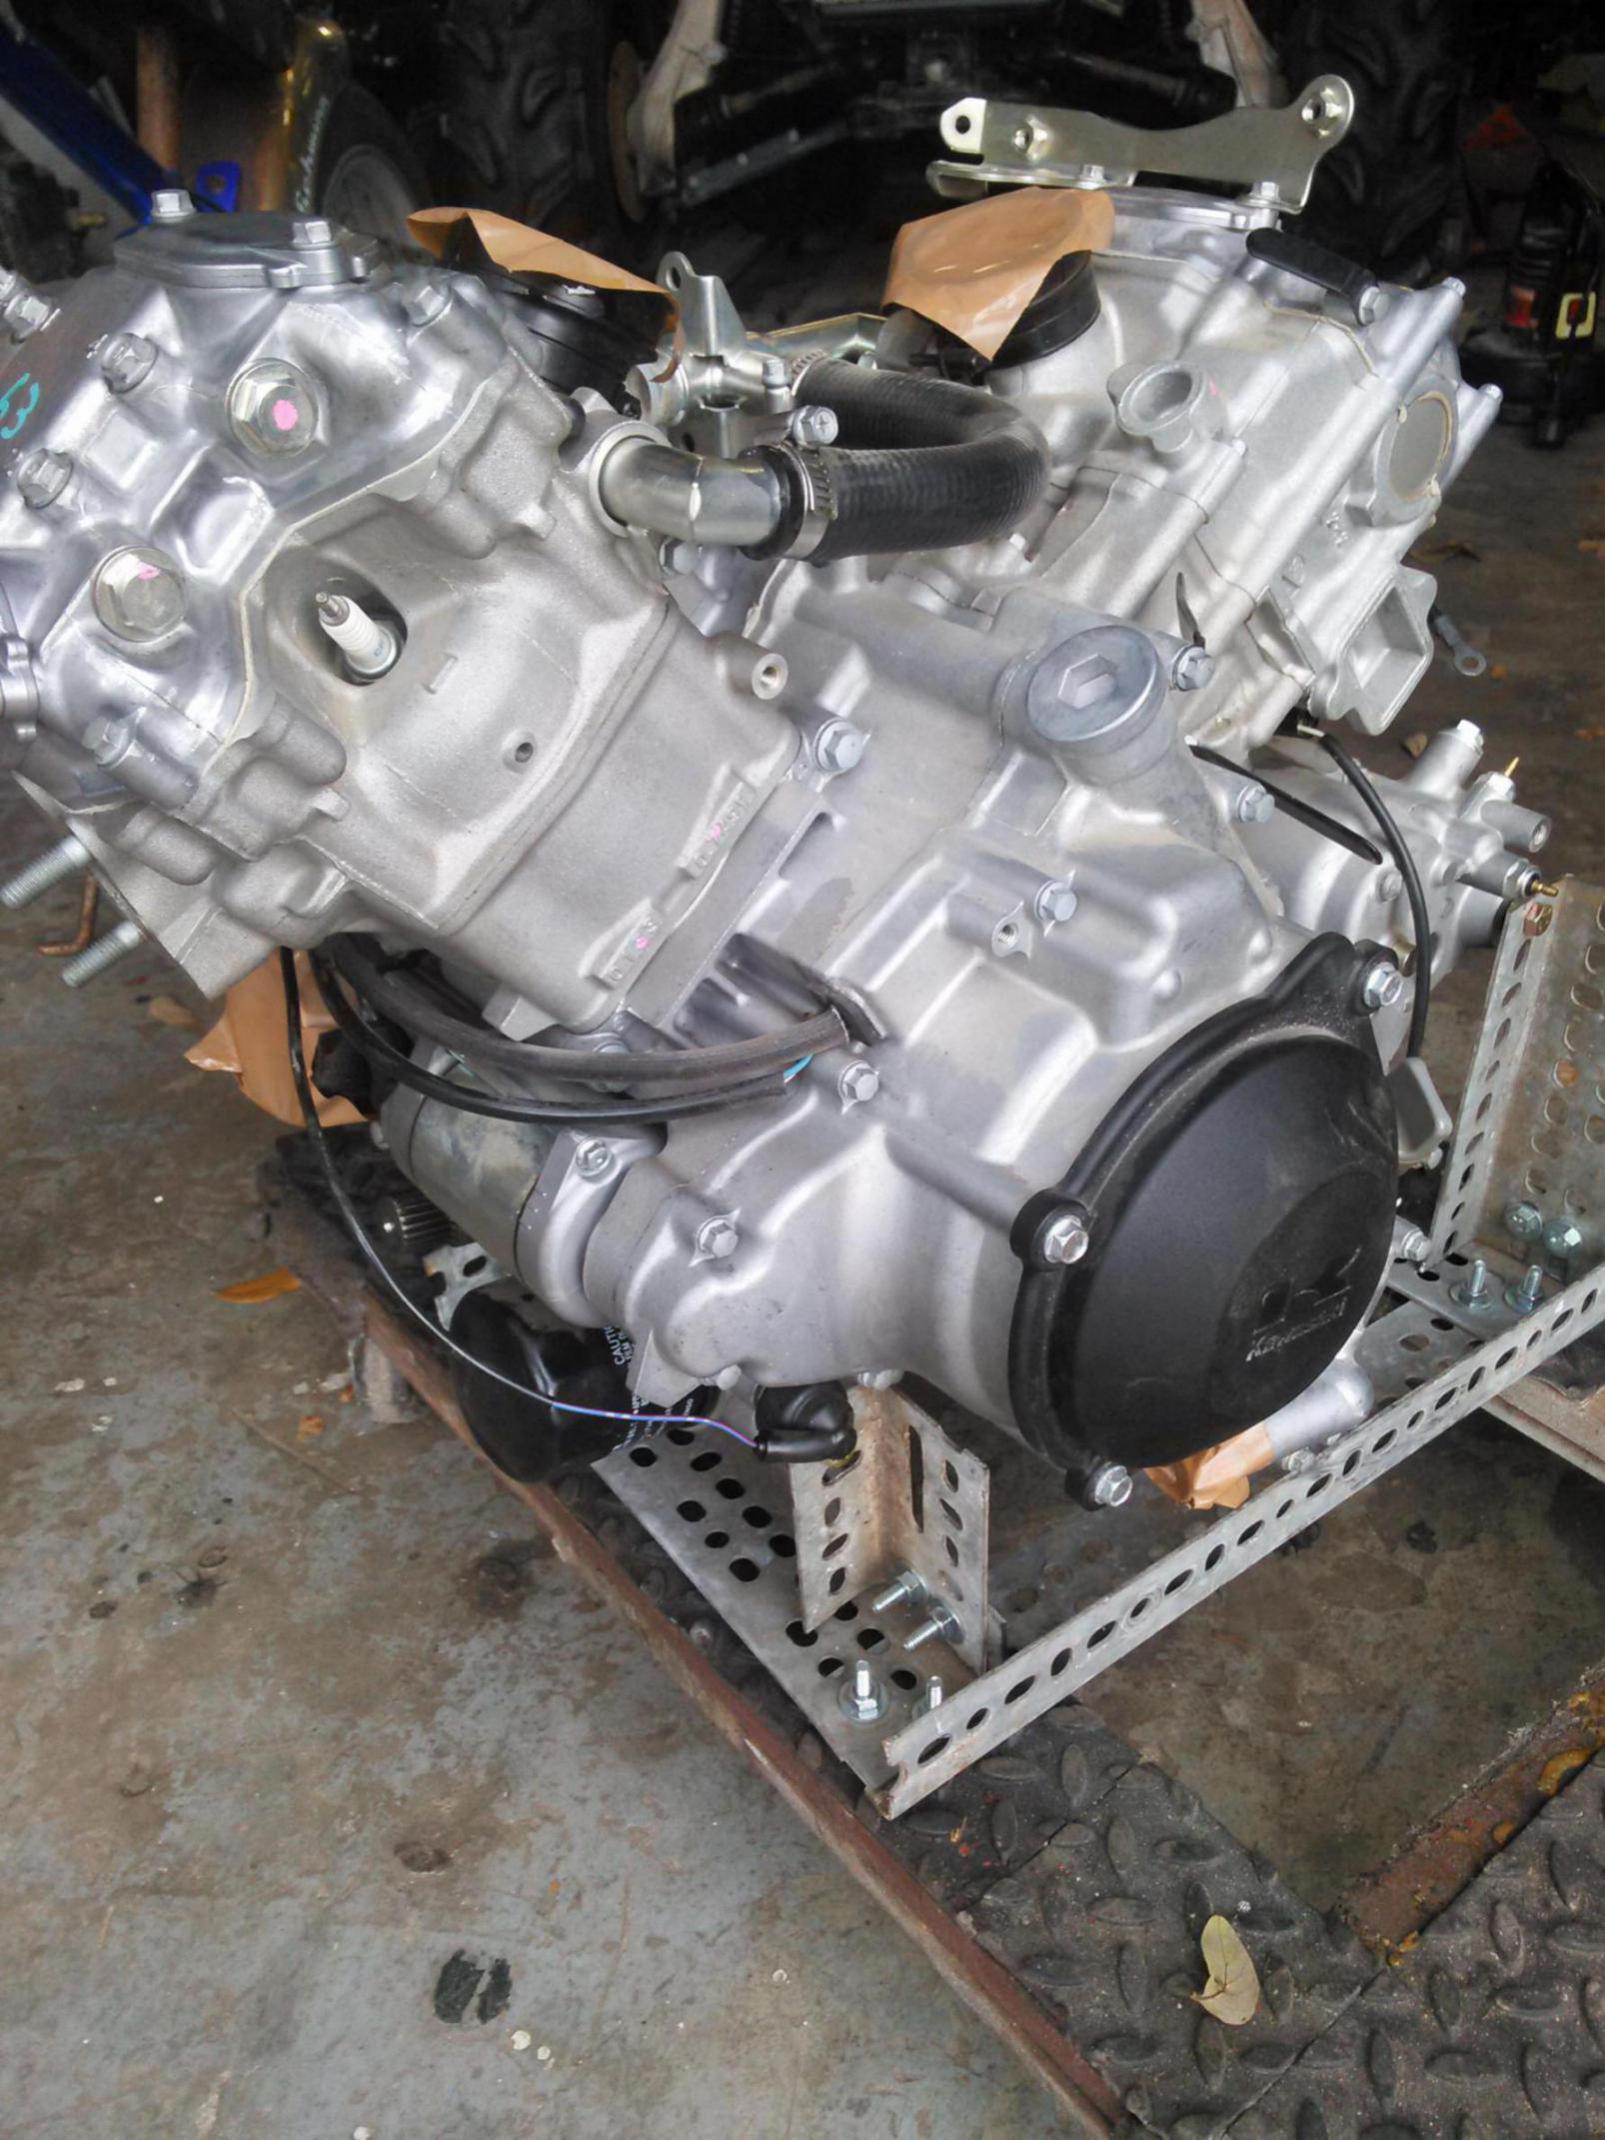 New Kawasaki 750i 4x4 Efi Engine For Sale Kawasaki Teryx